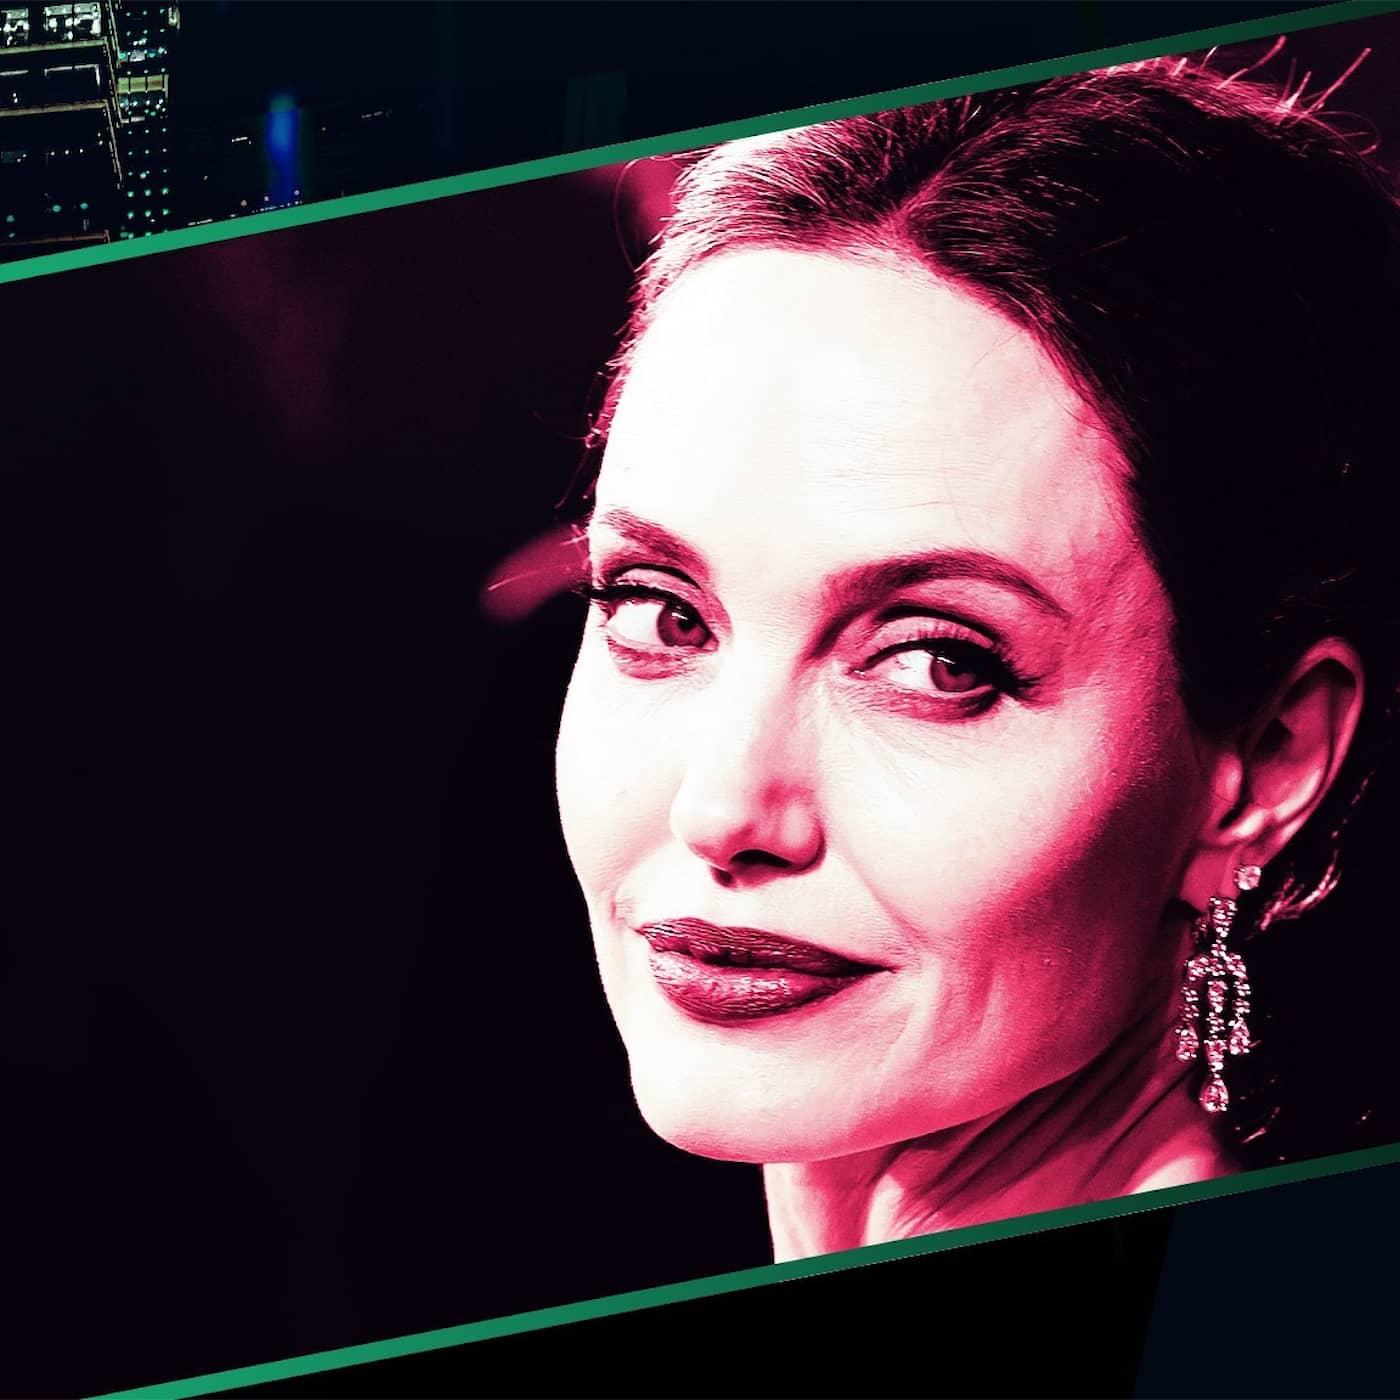 Angelina Jolie – Från problembarn till välgörande modersfigur